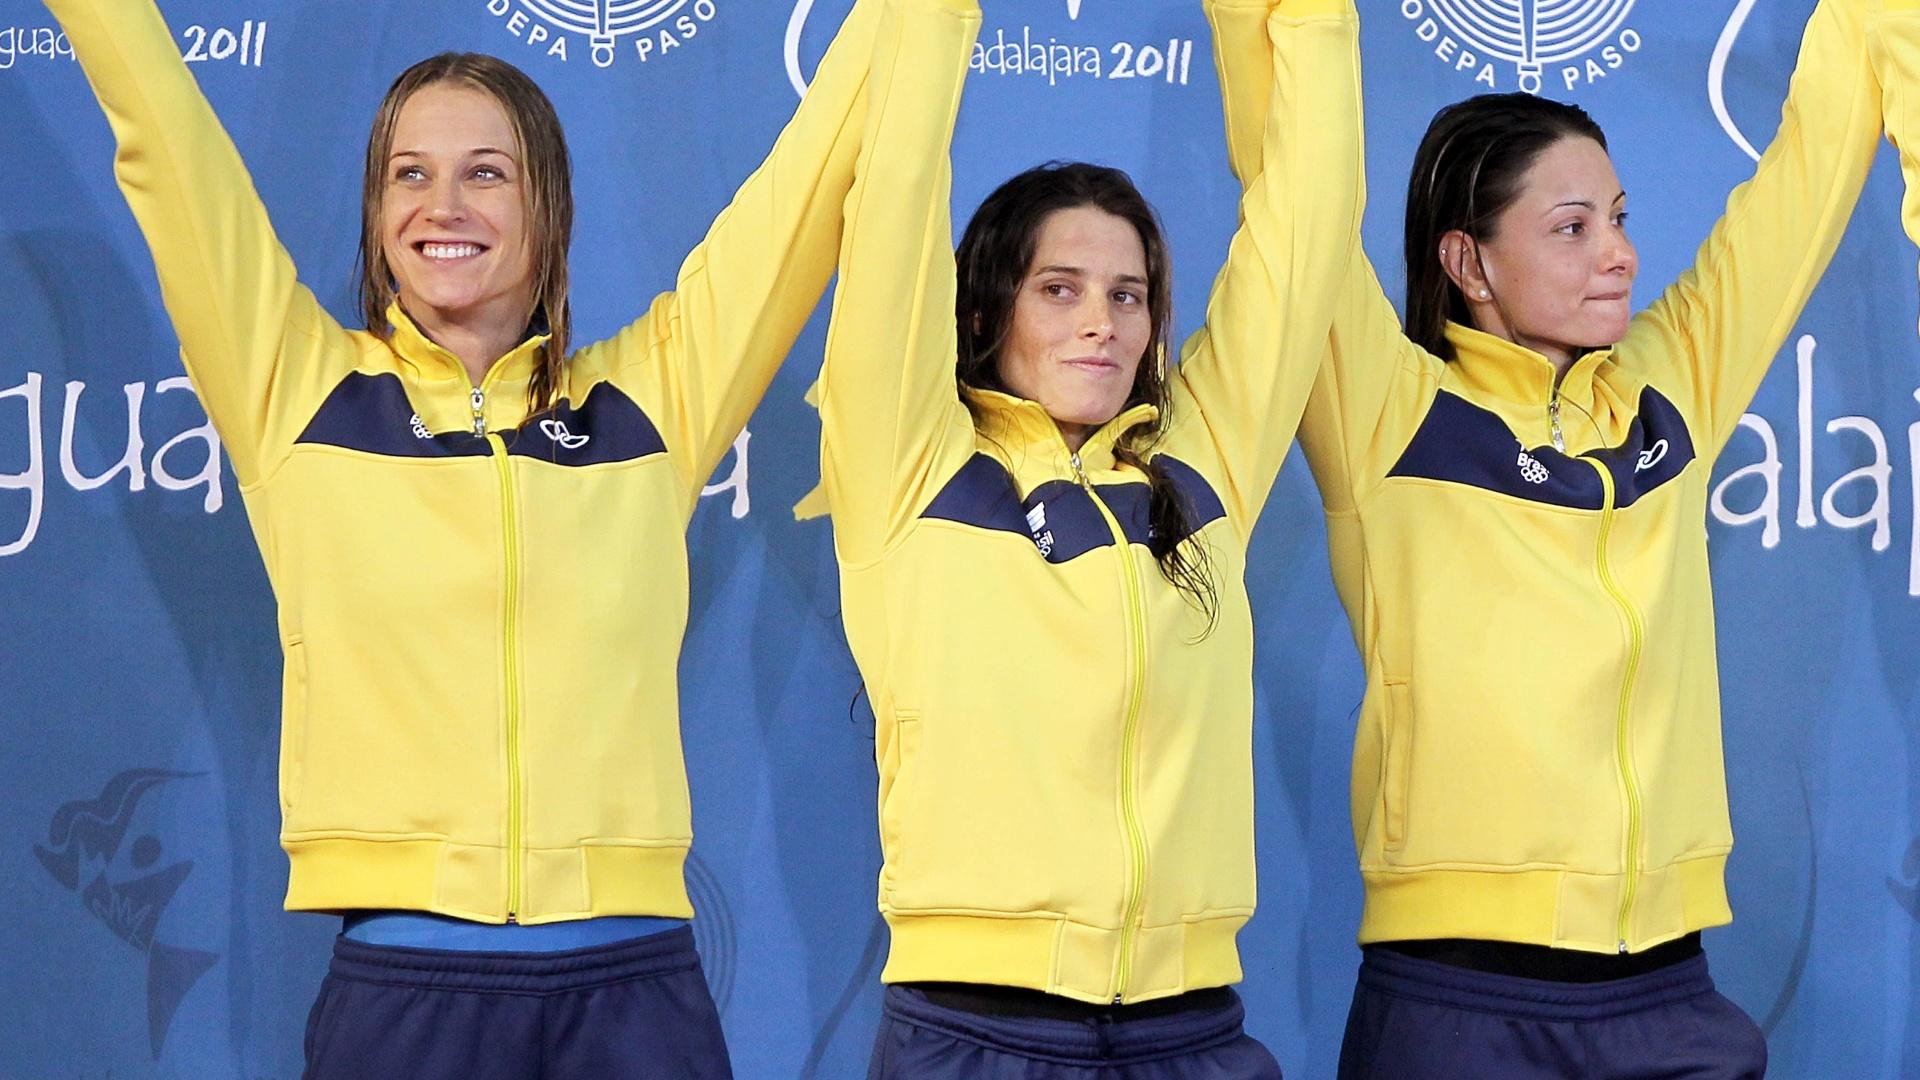 Revezamento 4x100 livre do Brasil comemora a medalha de prata no pódio de Guadalajara